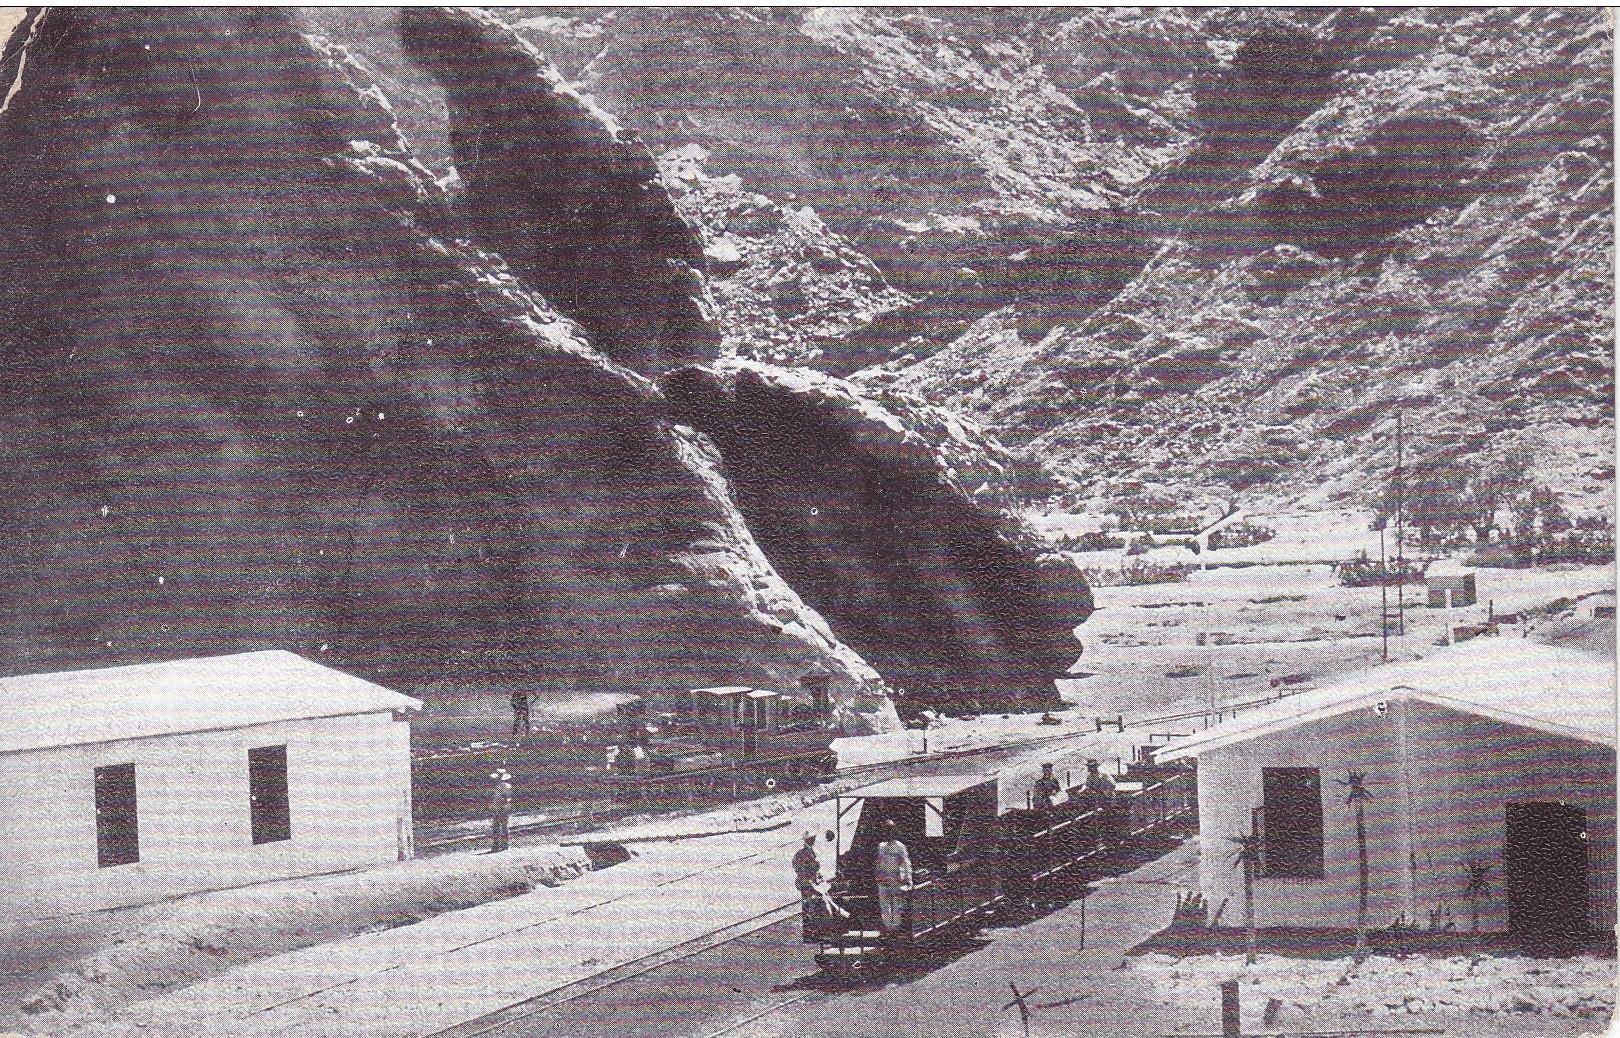 Eisenbahn Swakopmund-Windhuk durch das Khangebirge